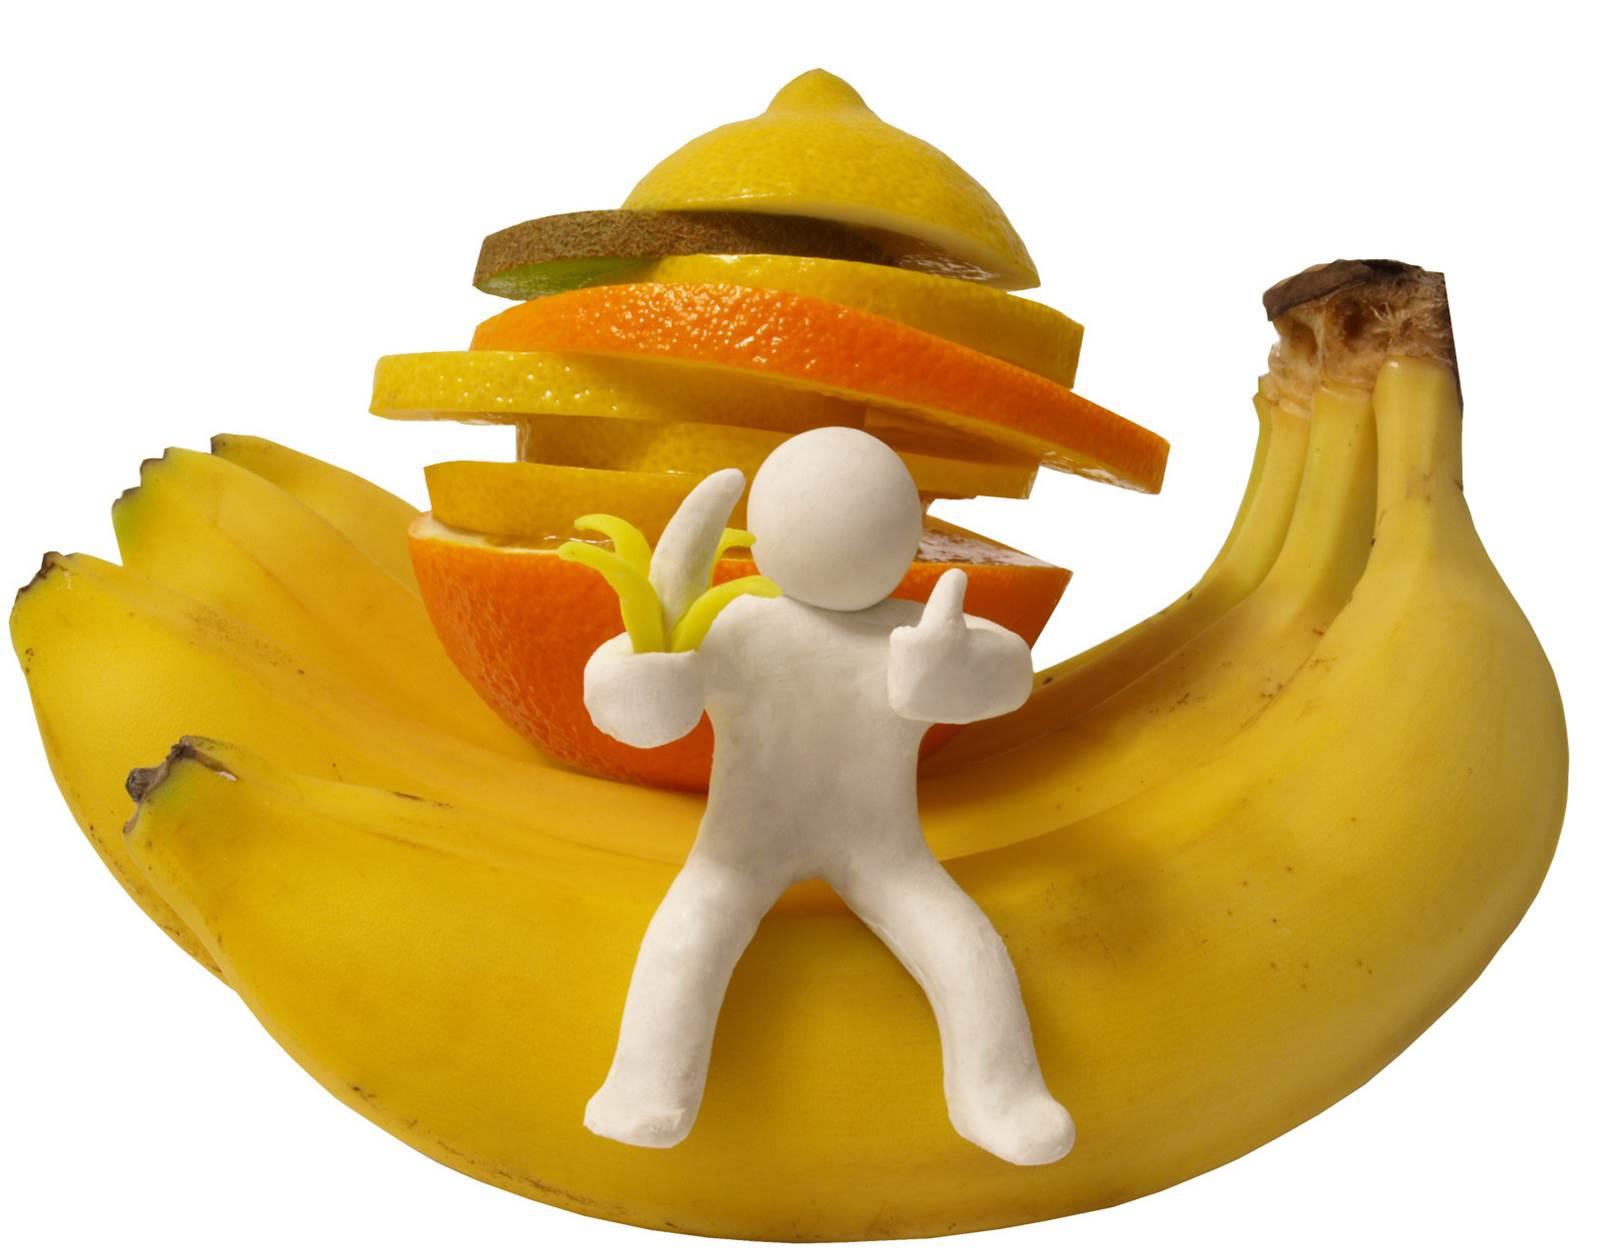 Banana clipart seven Exact magnesium seven copper Bananas